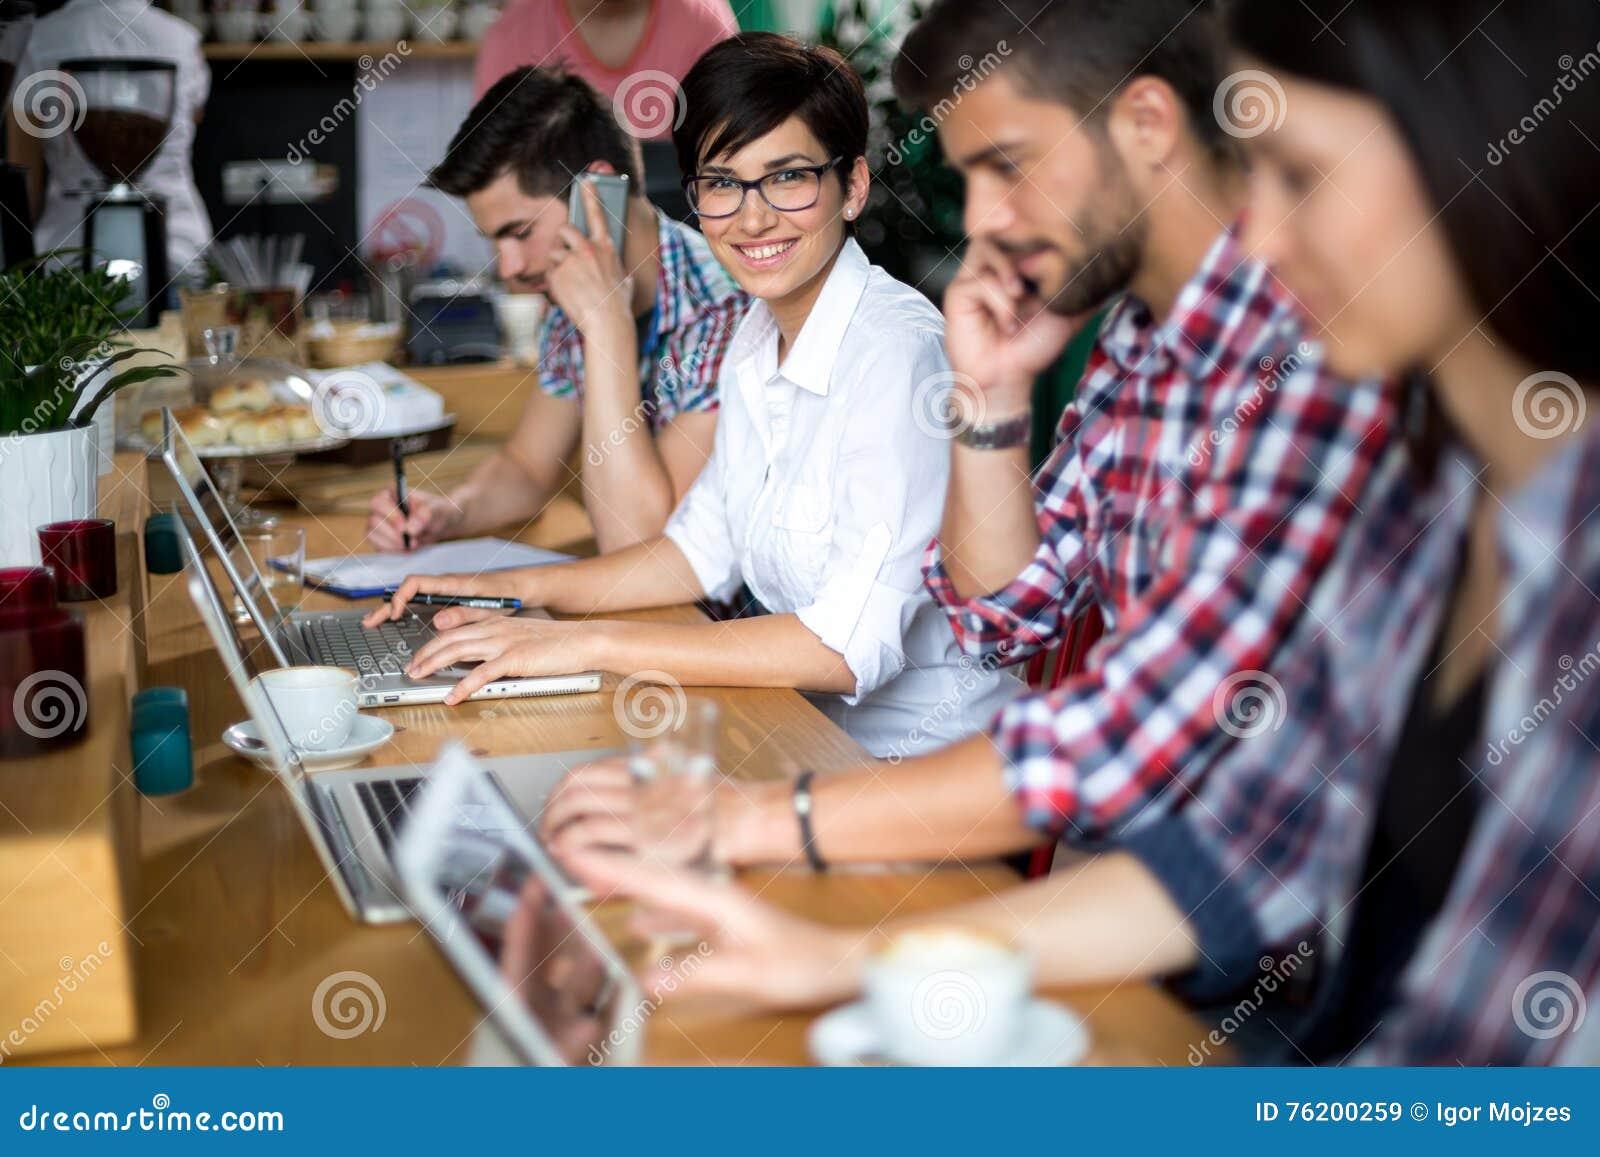 Trois étudiants étudiant au café